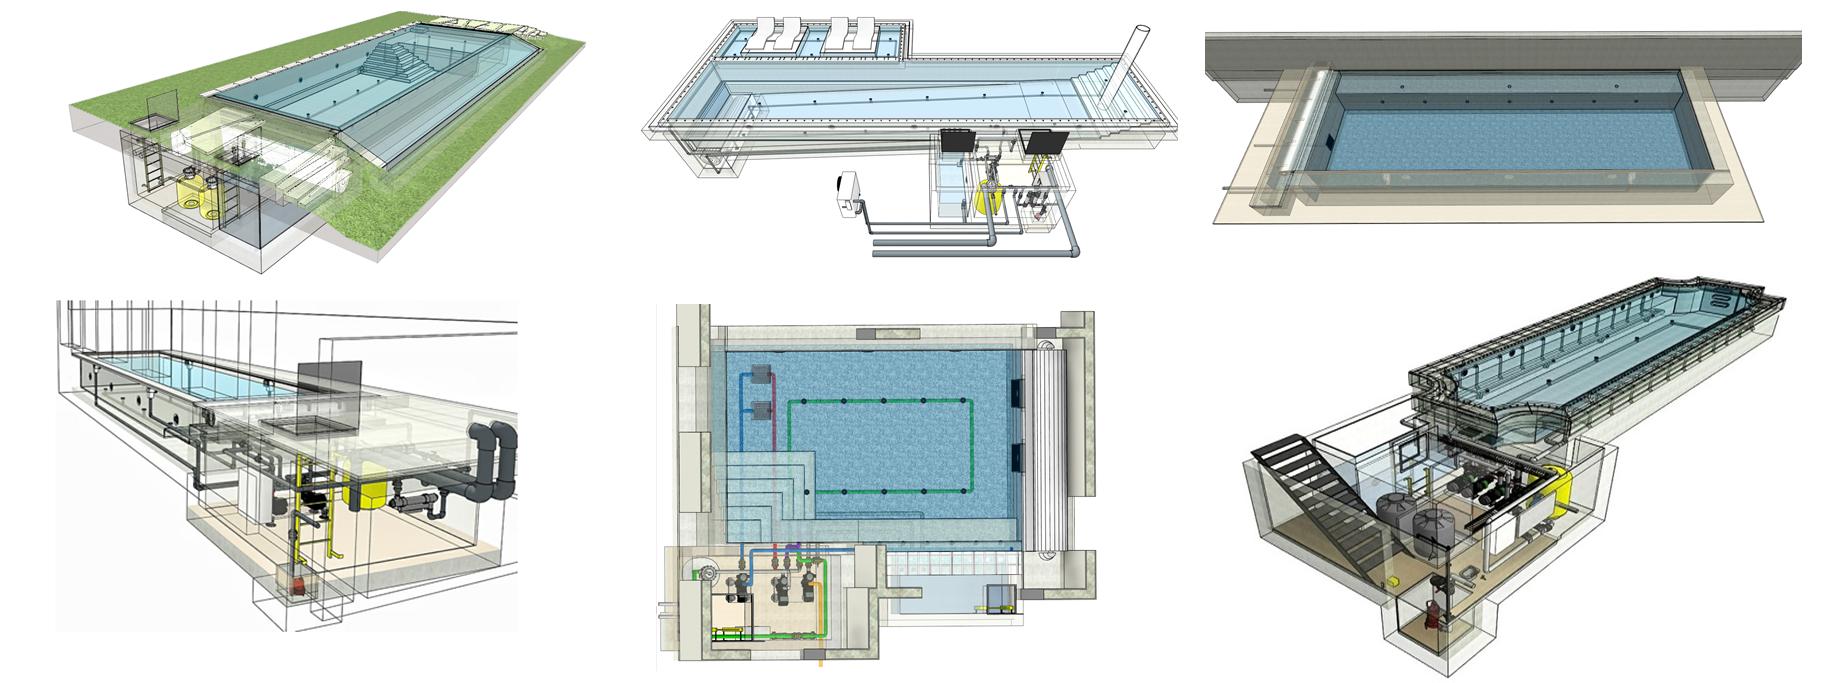 תכנית רעיונית - הדמיה תלת מימדית להמחשת פרטי הבריכה